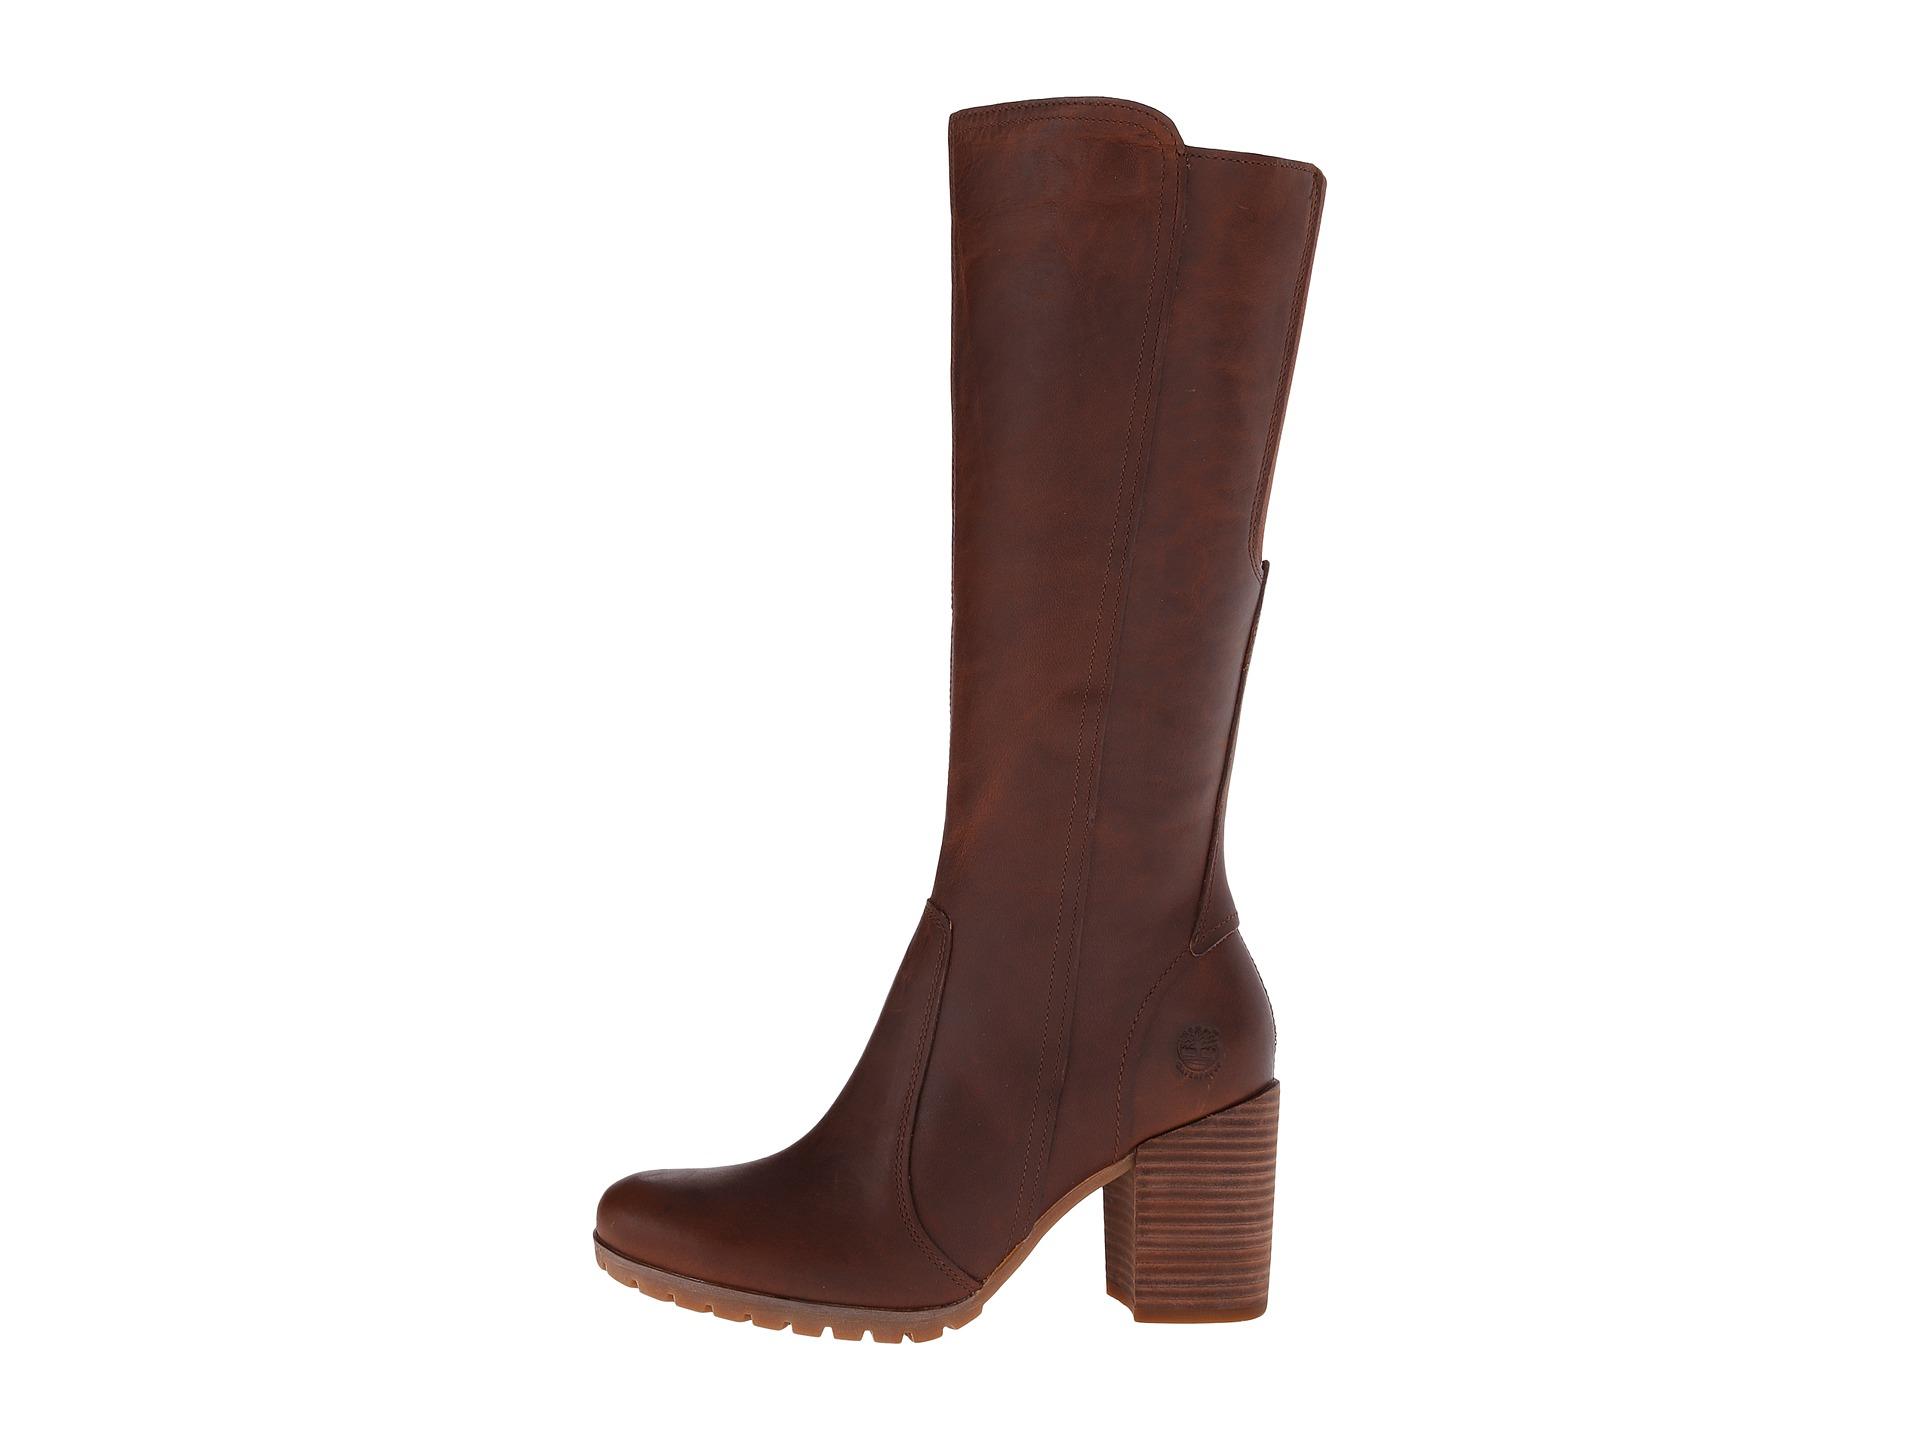 Timberland Boots Womens - Timberland Swazey Tall Waterproof Leather Wheat